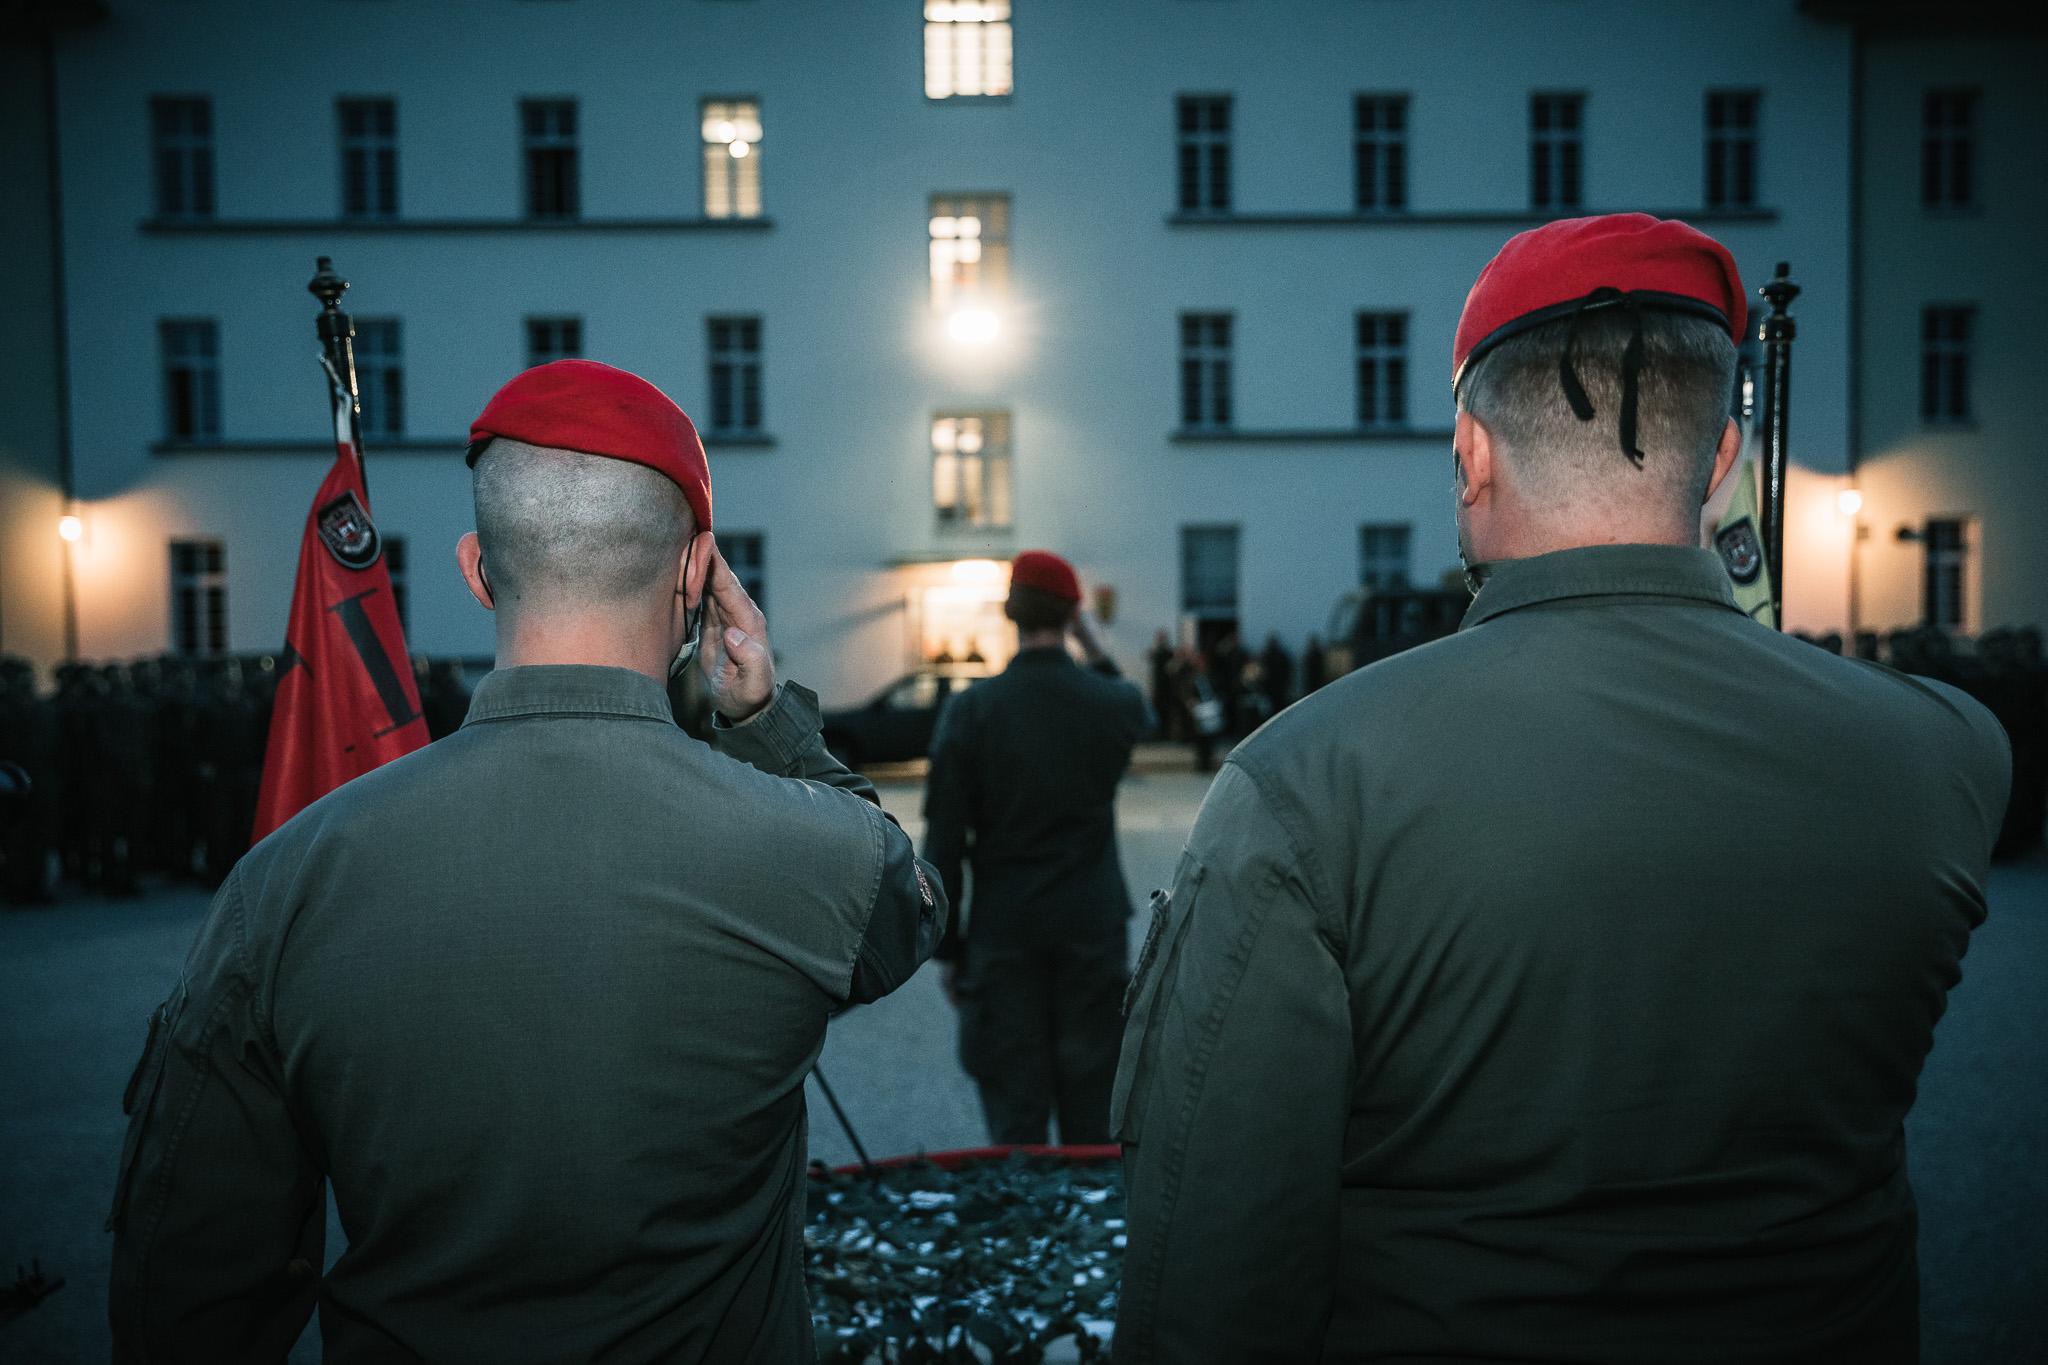 © Nick Rainer   www.nickrainer.com